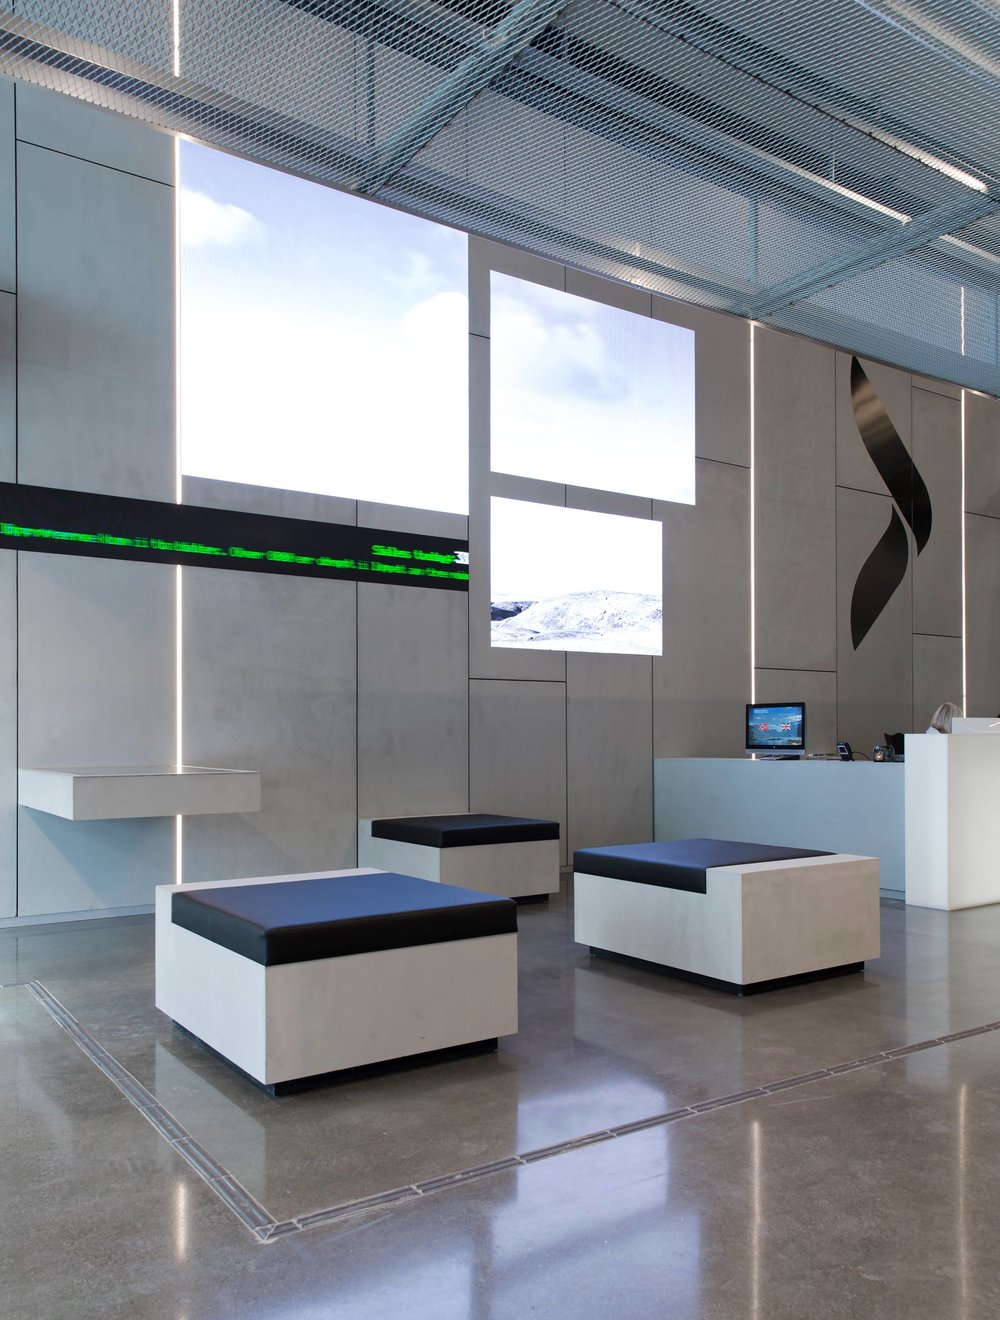 Referanseprosjekt: Elkjøps hovedkontor i Nydalen med Panbeton, Classic by Studio LCDA på vegg, tak og møbler med logo og skjermer innfelt.